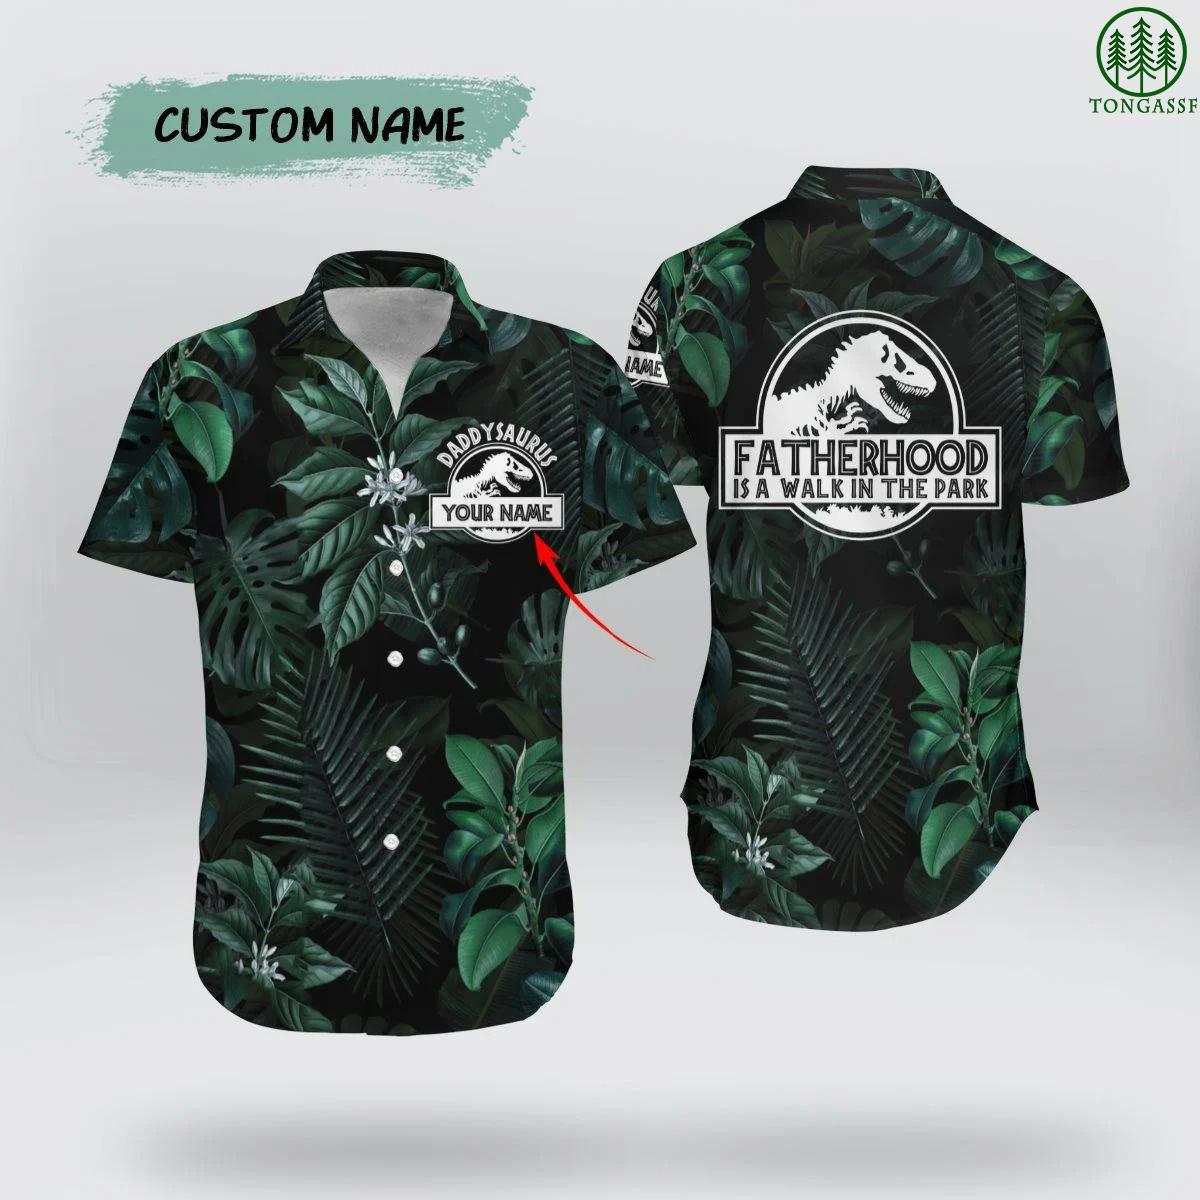 Custom Name DaddySaurus Forest Fatherhood Hawaiian Shirt